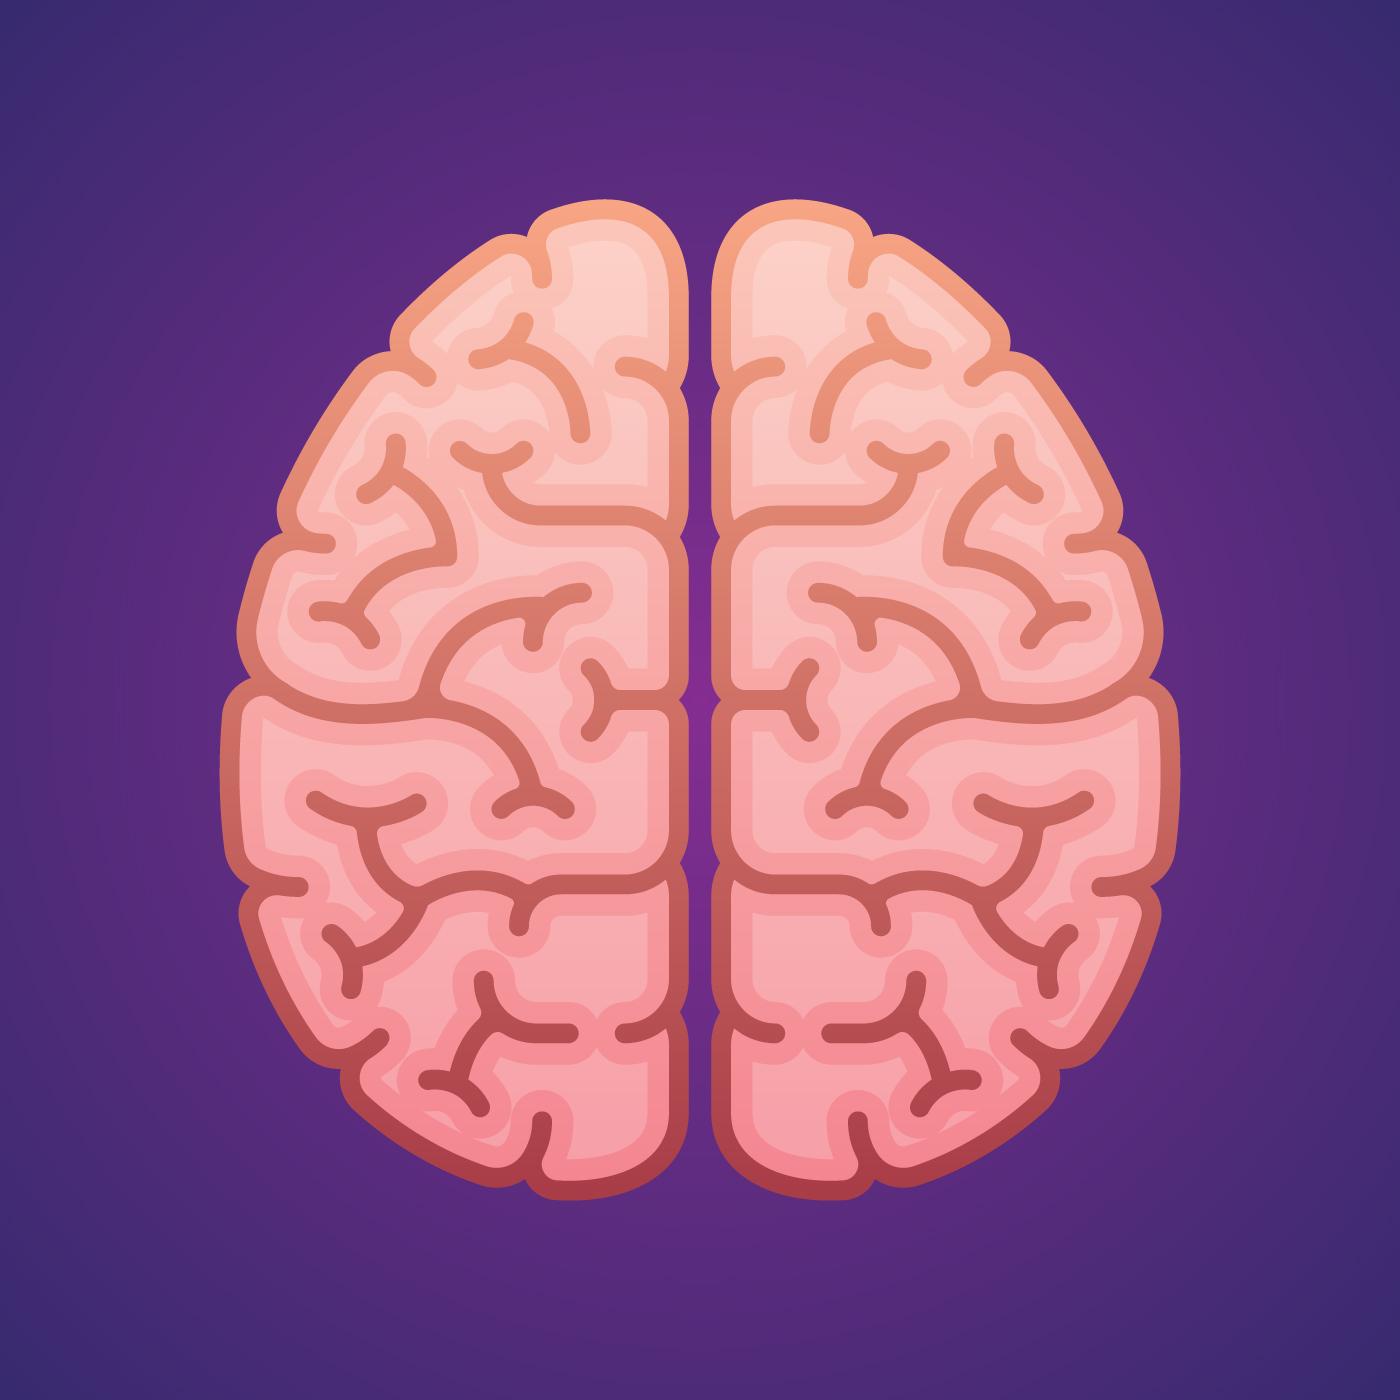 правый мозг левый мозг картинки как сделать машинку